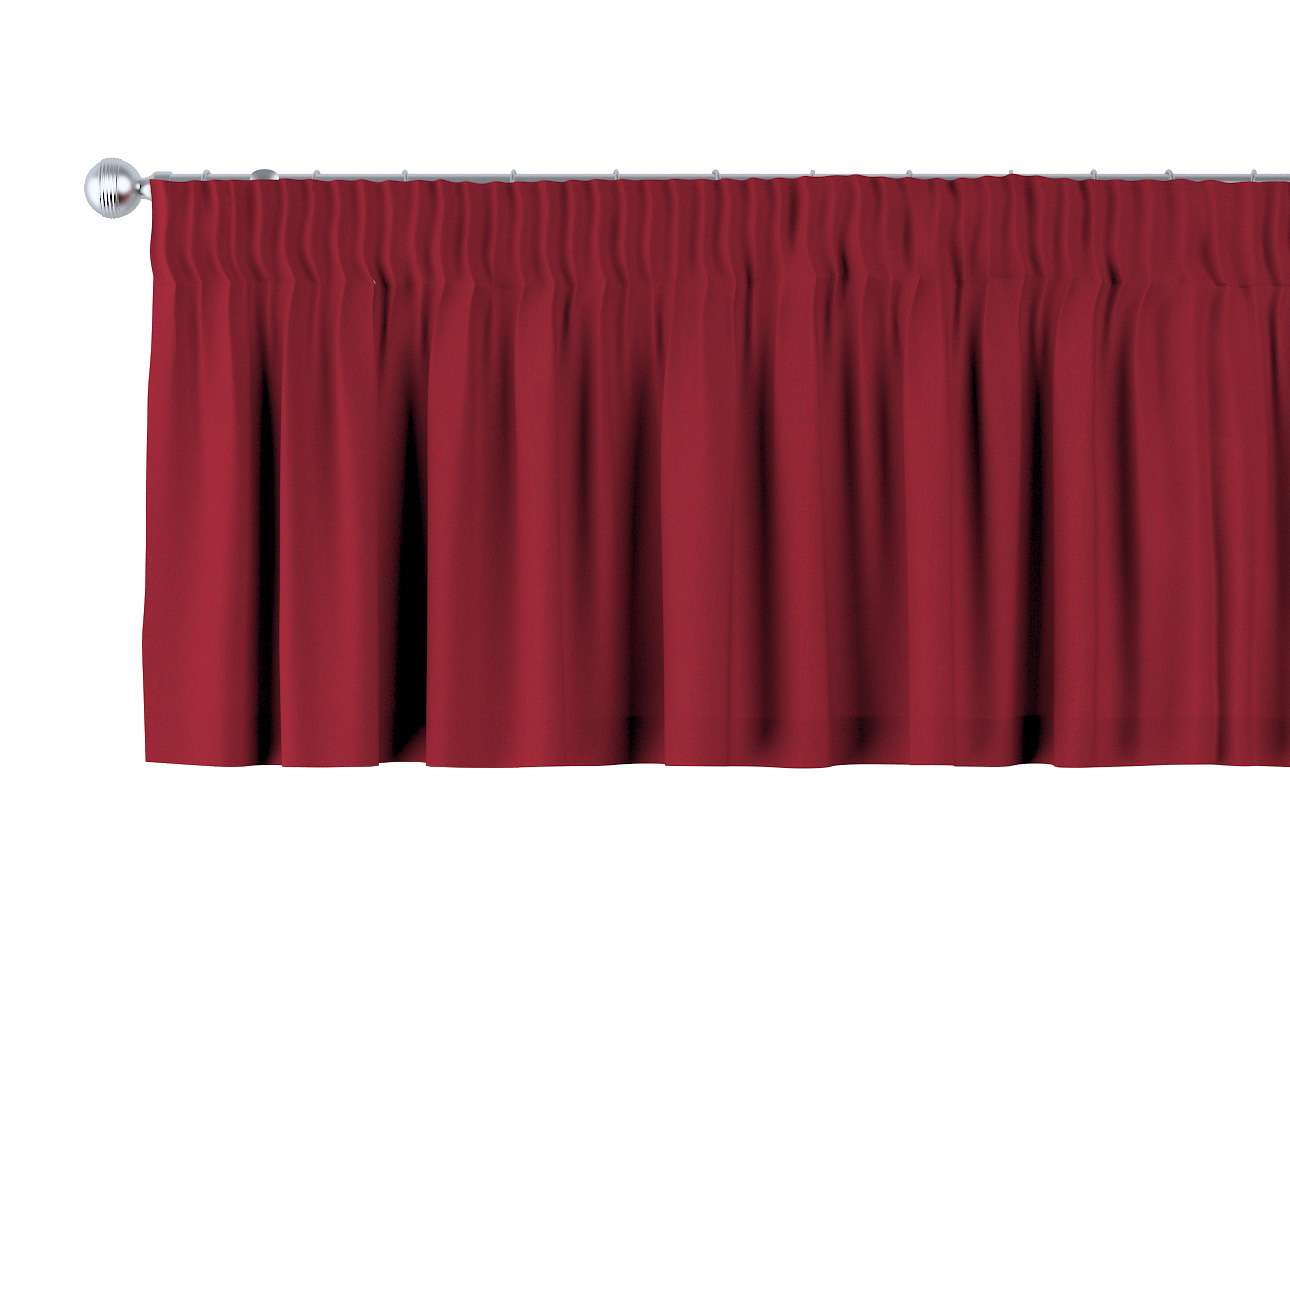 Gardinkappe med rynkebånd 130 x 40 cm fra kollektionen Chenille, Stof: 702-24